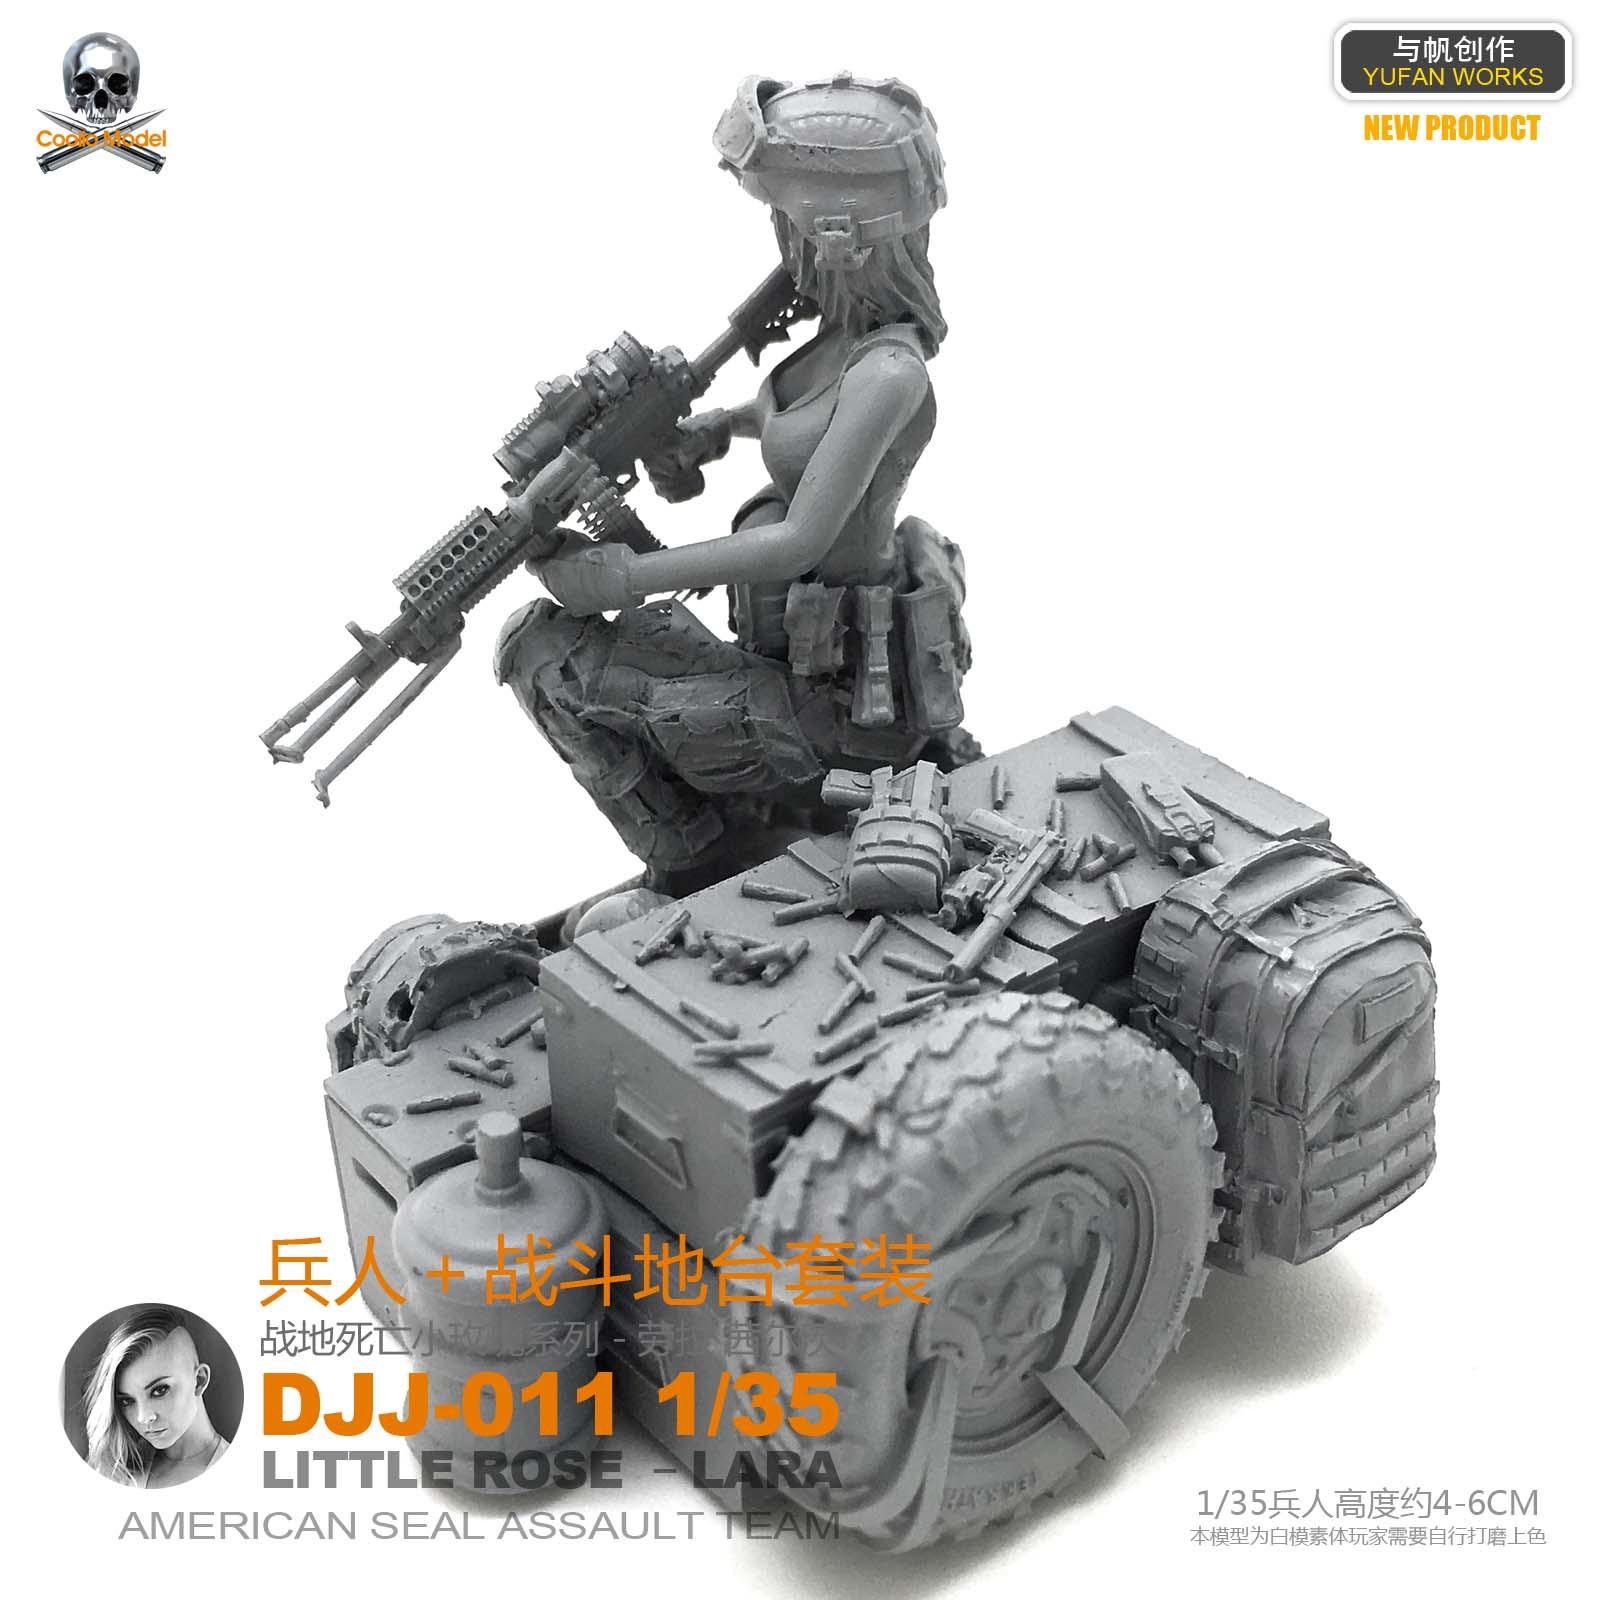 1/35 Womens Seal Assault Team with The Platform DJJ-111/35 Womens Seal Assault Team with The Platform DJJ-11